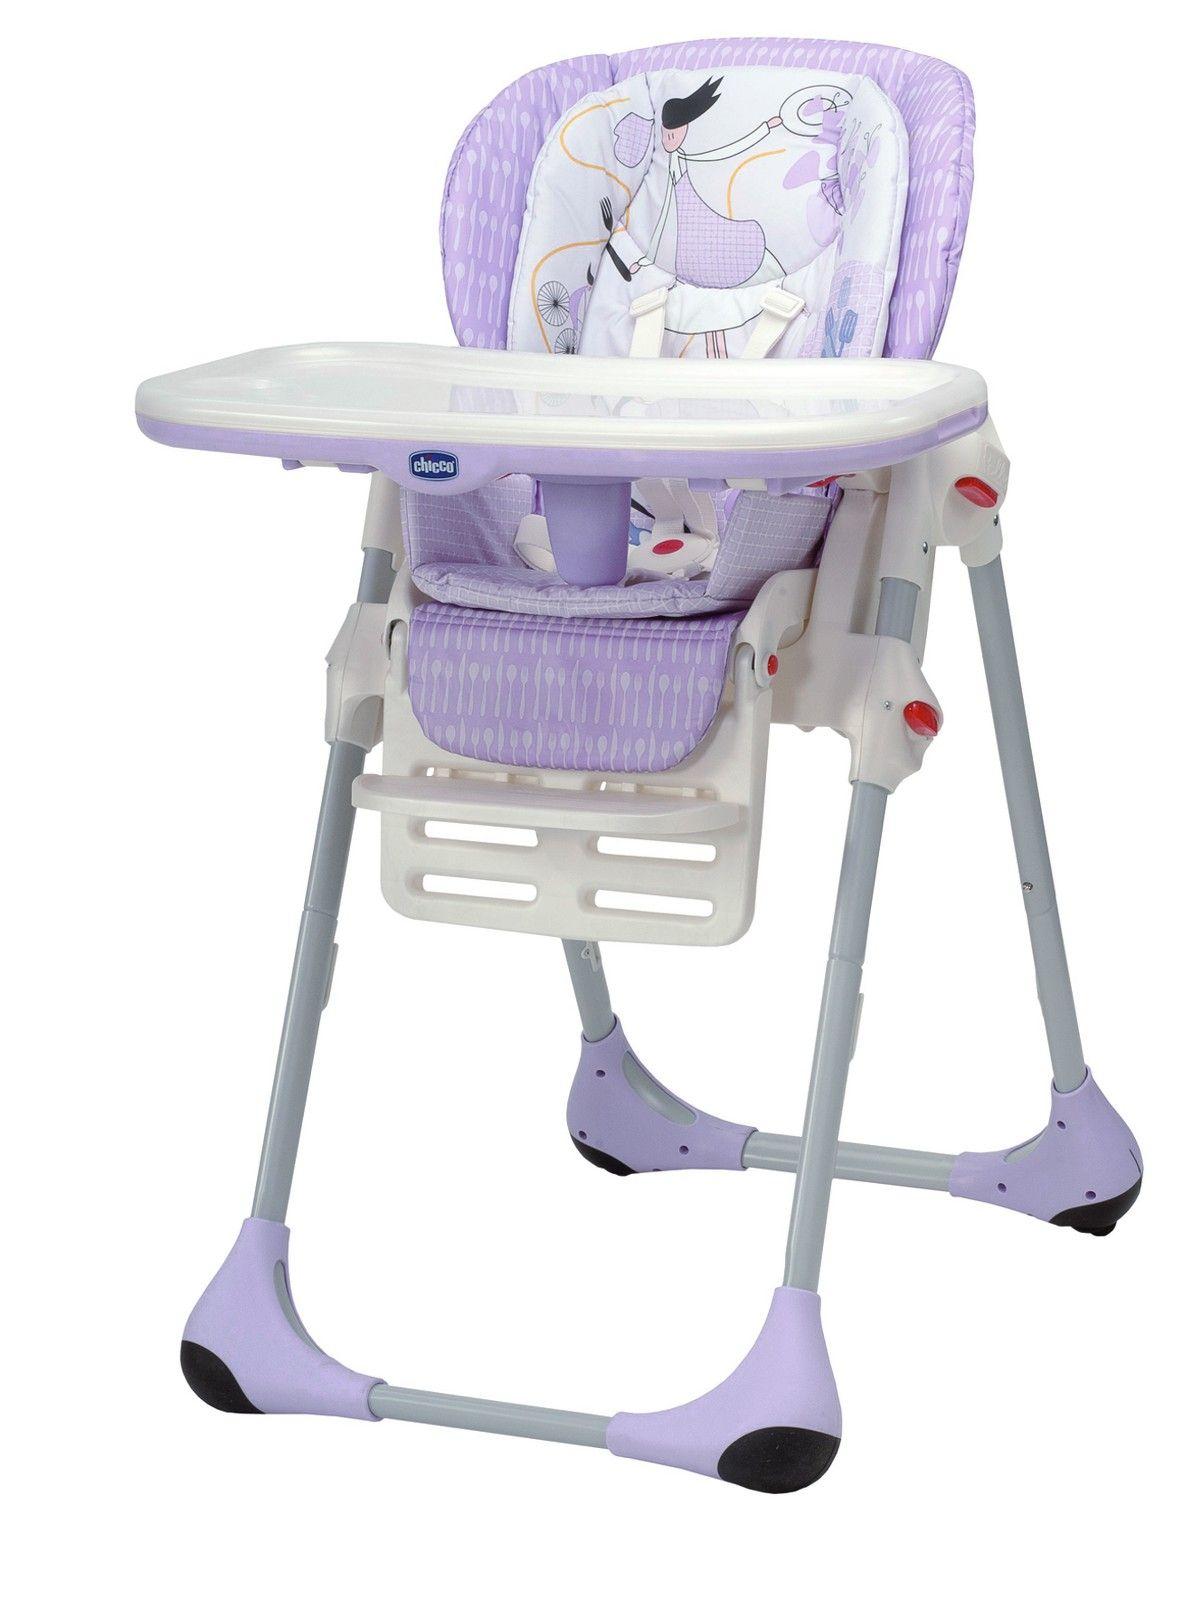 Littlewoods Ireland Online Shopping Fashion Homeware High Chair Folding High Chair Graco High Chair